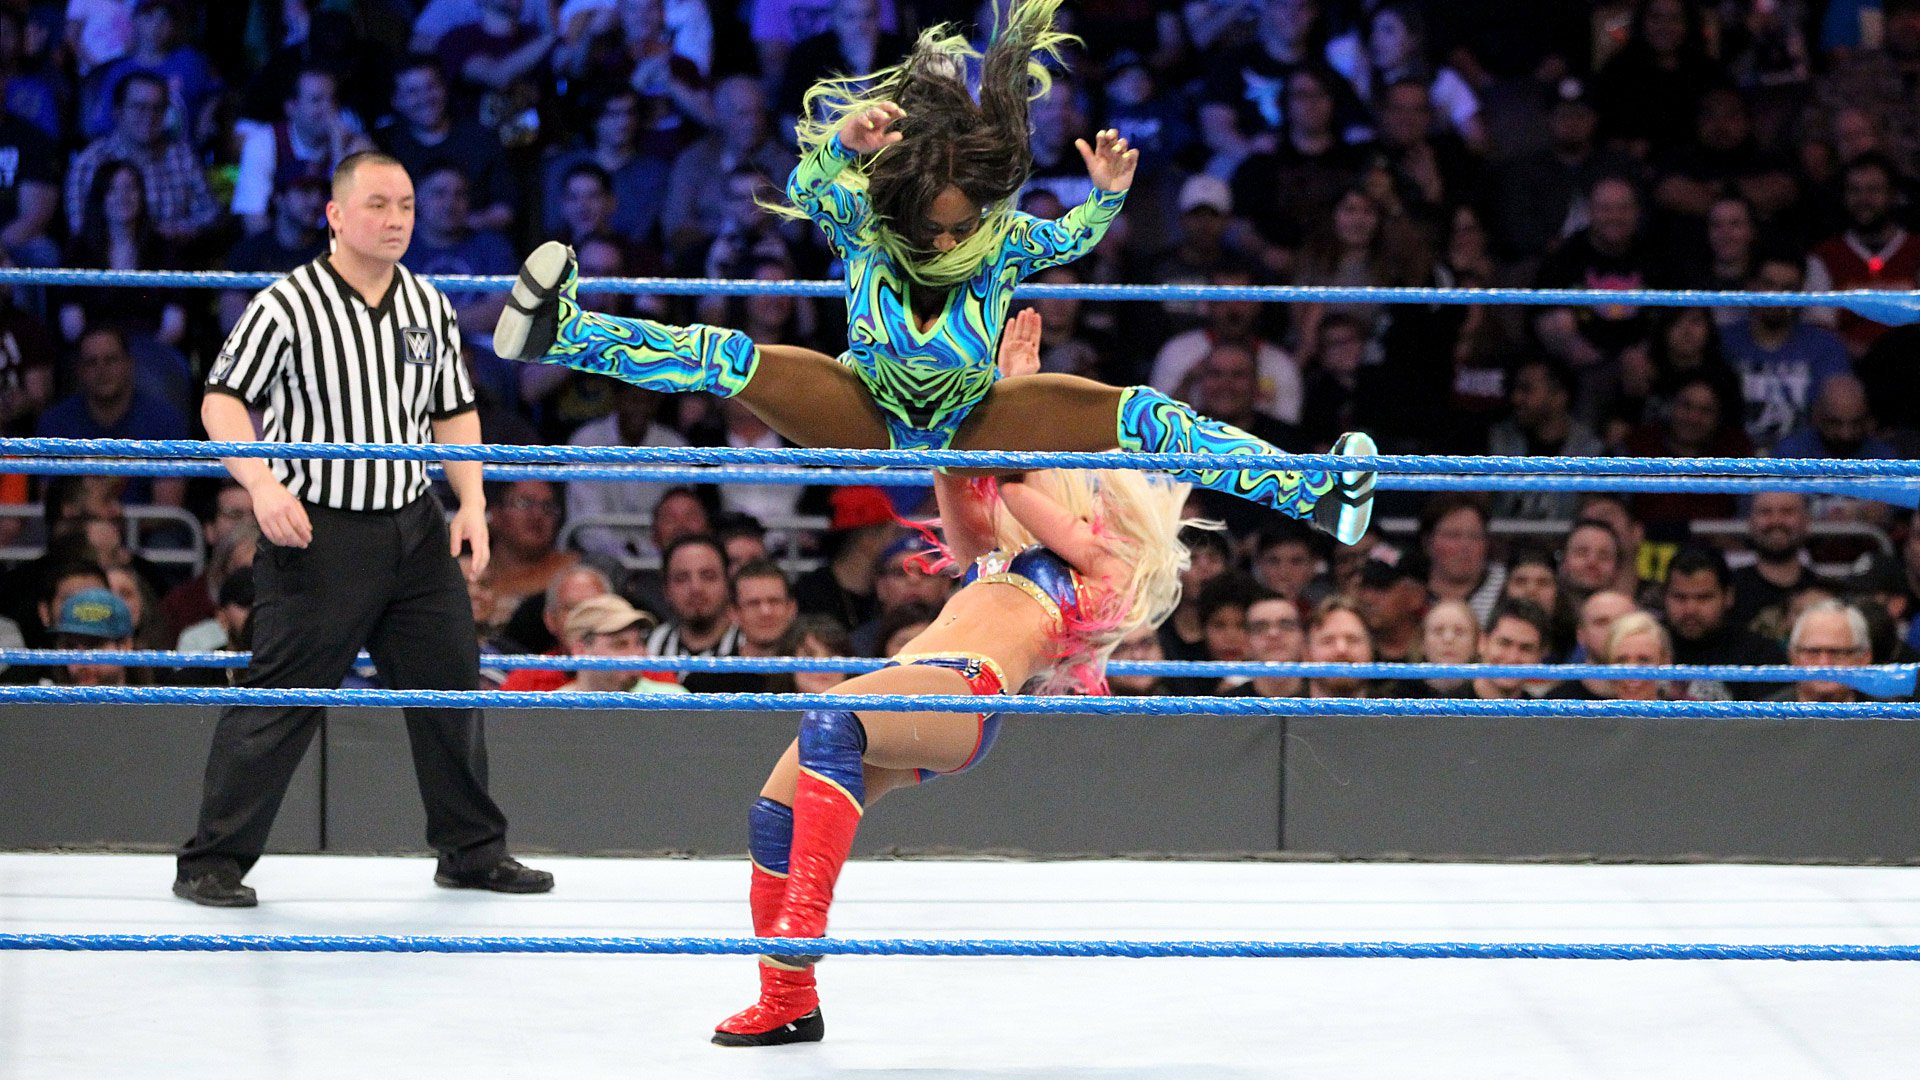 Alexa Bliss vs. Naomi - Starcie o Mistrzostwo Kobiet SmackDown: Elimination Chamber 2017 (WWE Network Exclusive)